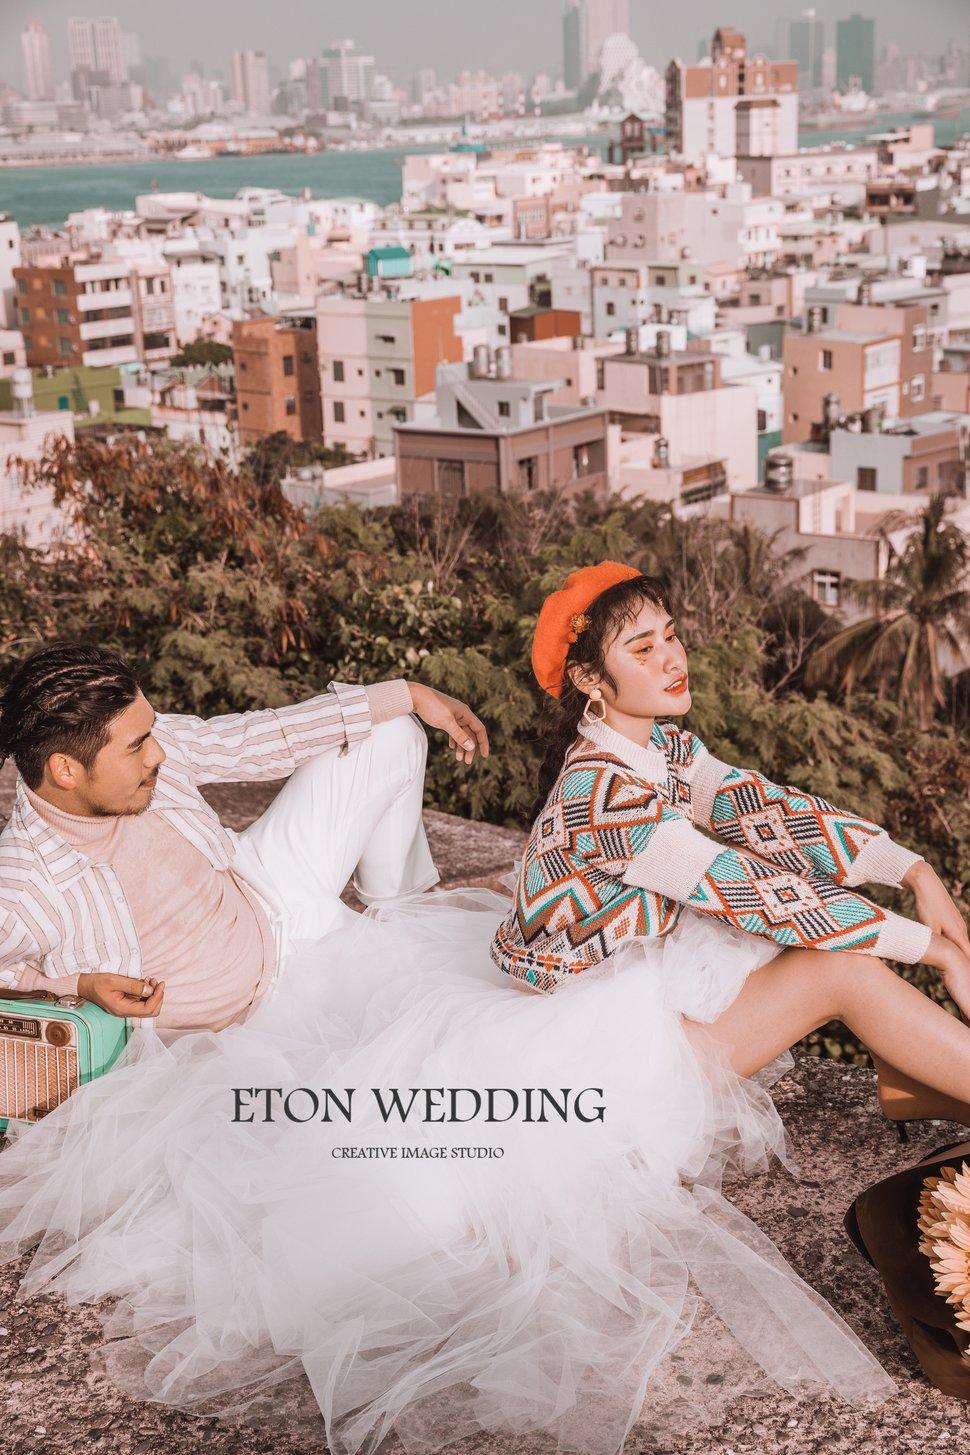 高雄拍婚紗,伊頓自助婚紗 (10) - 伊頓自助婚紗攝影工作室(高雄創始店)《結婚吧》